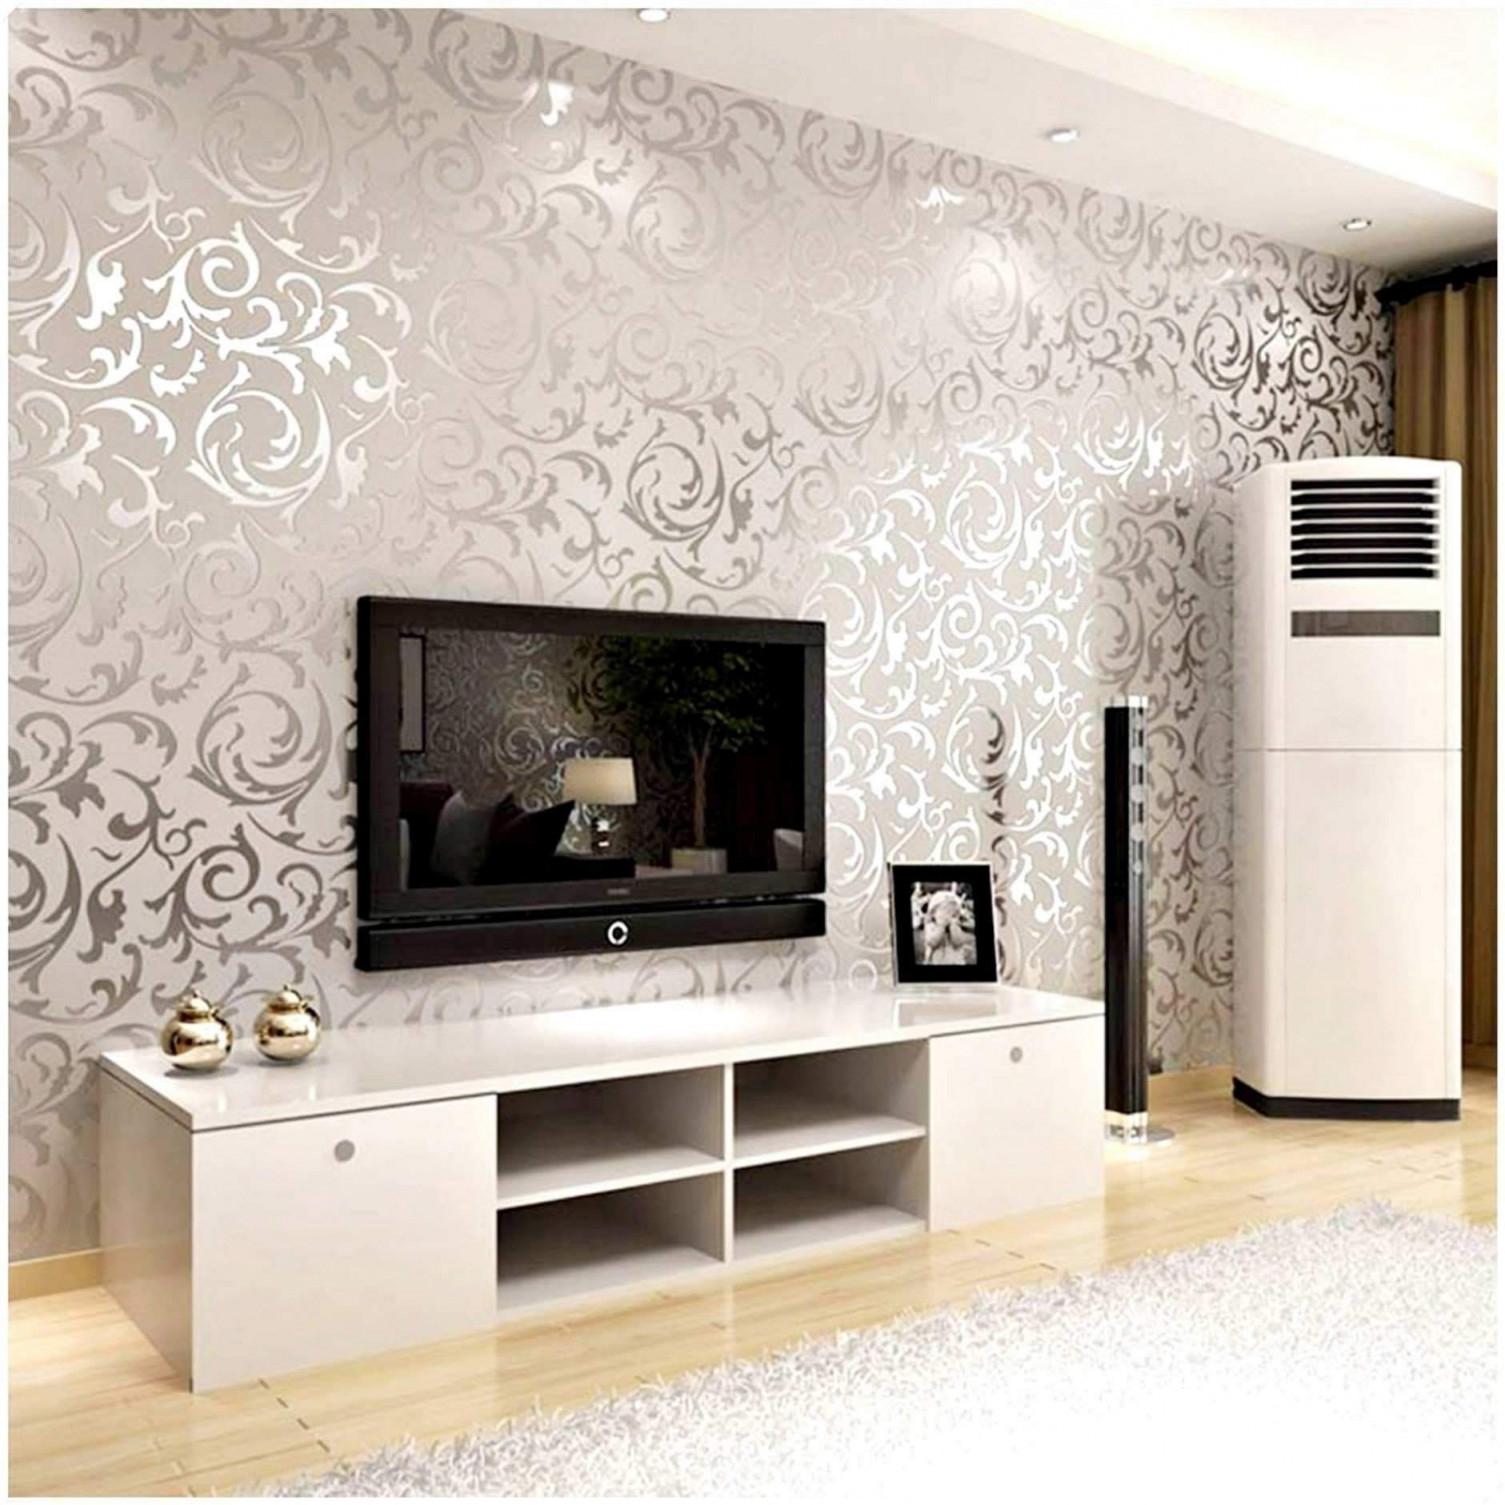 Wohnzimmer Tapete Modern Luxus 32 Frisch Tapeten Wohnzimmer von Tapeten Wohnzimmer Modern Grau Bild